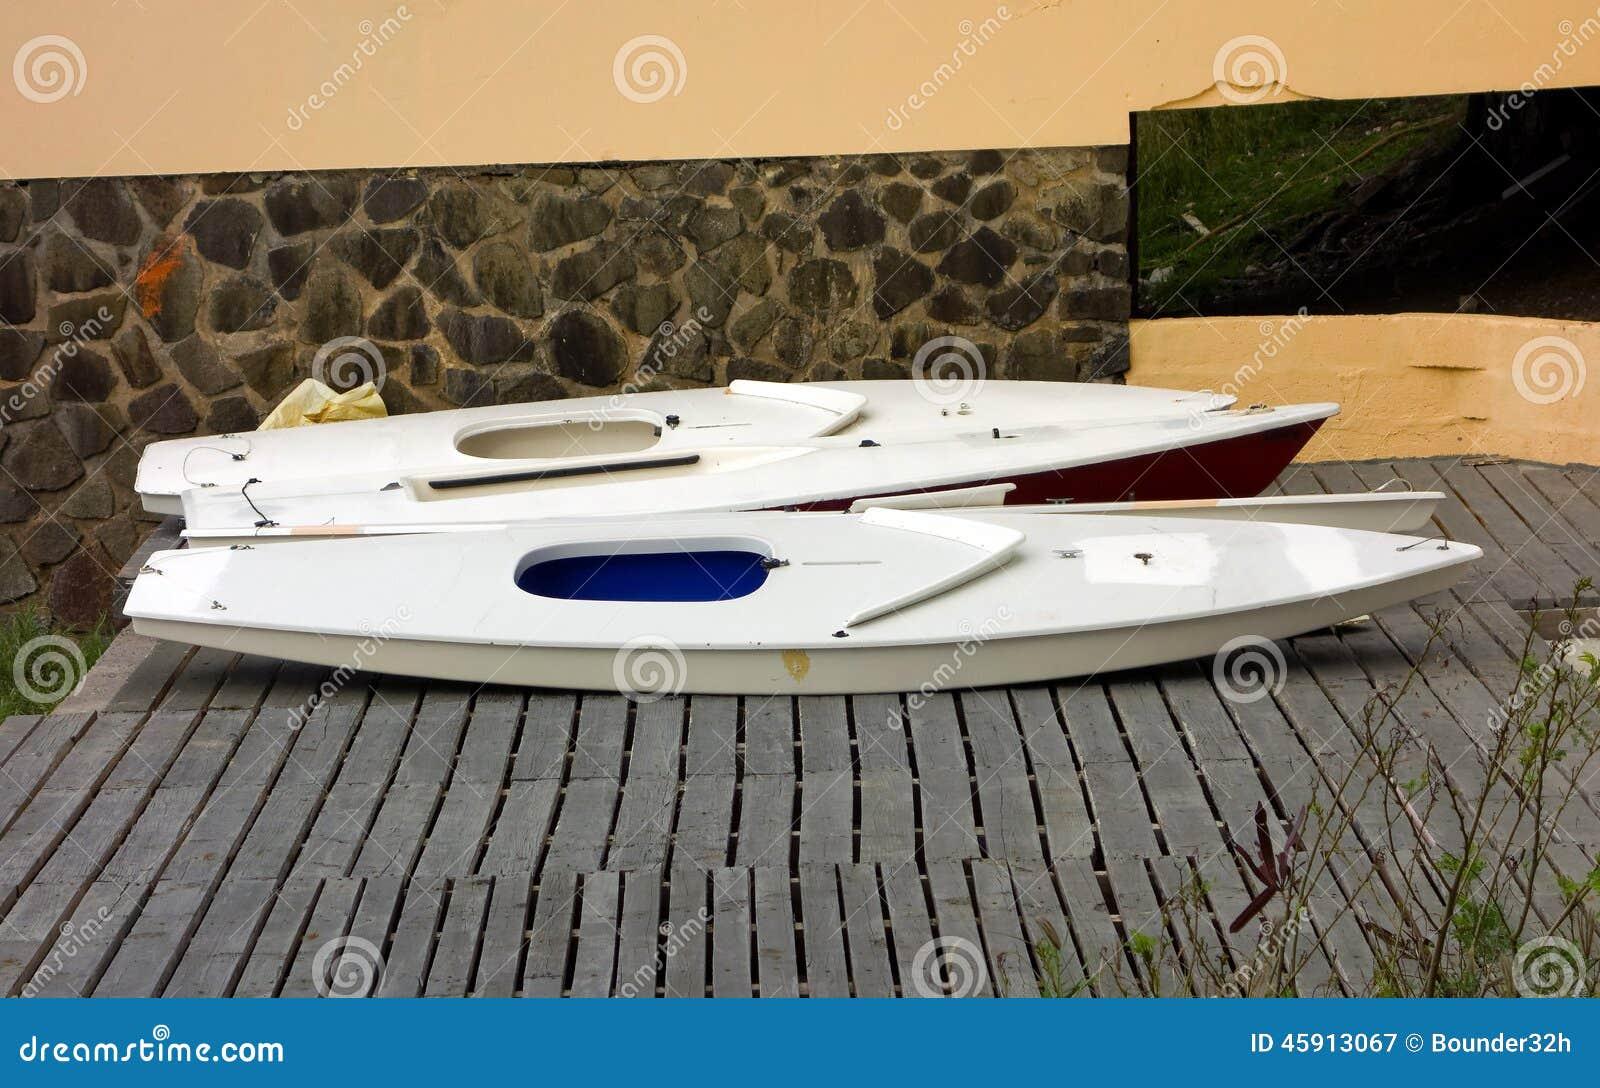 Poca barca a vela usata dai bambini per correre immagine stock immagine di parete wooden - Camera per bambini usata ...